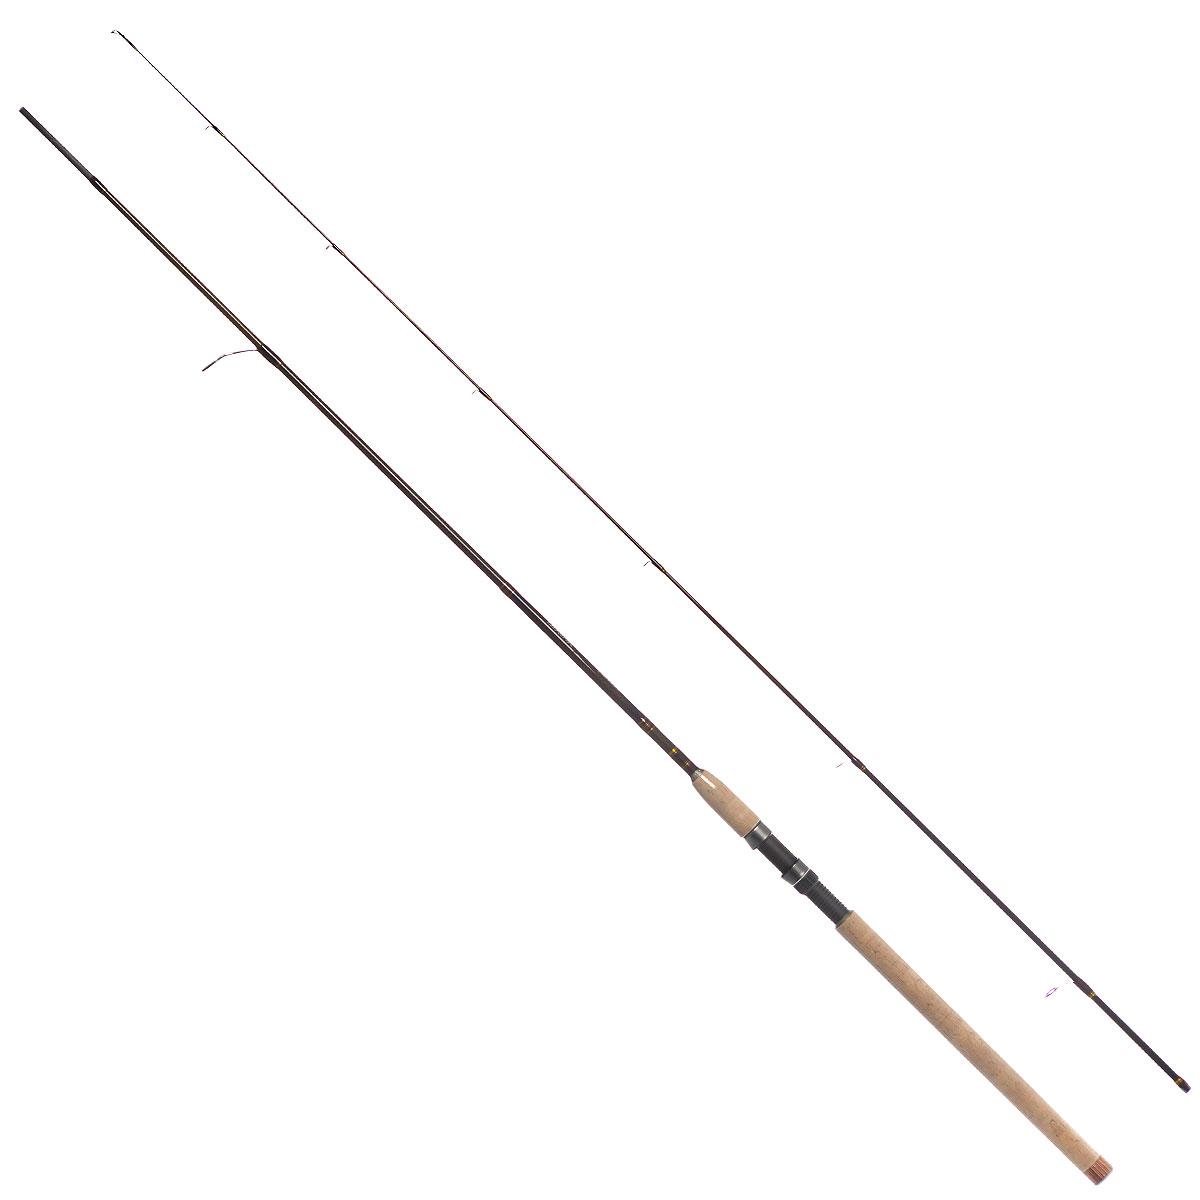 Удилище спиннинговое Daiwa New Exceler, штекерное, цвет: темно-коричневый, 2,4 м, 2-10 г